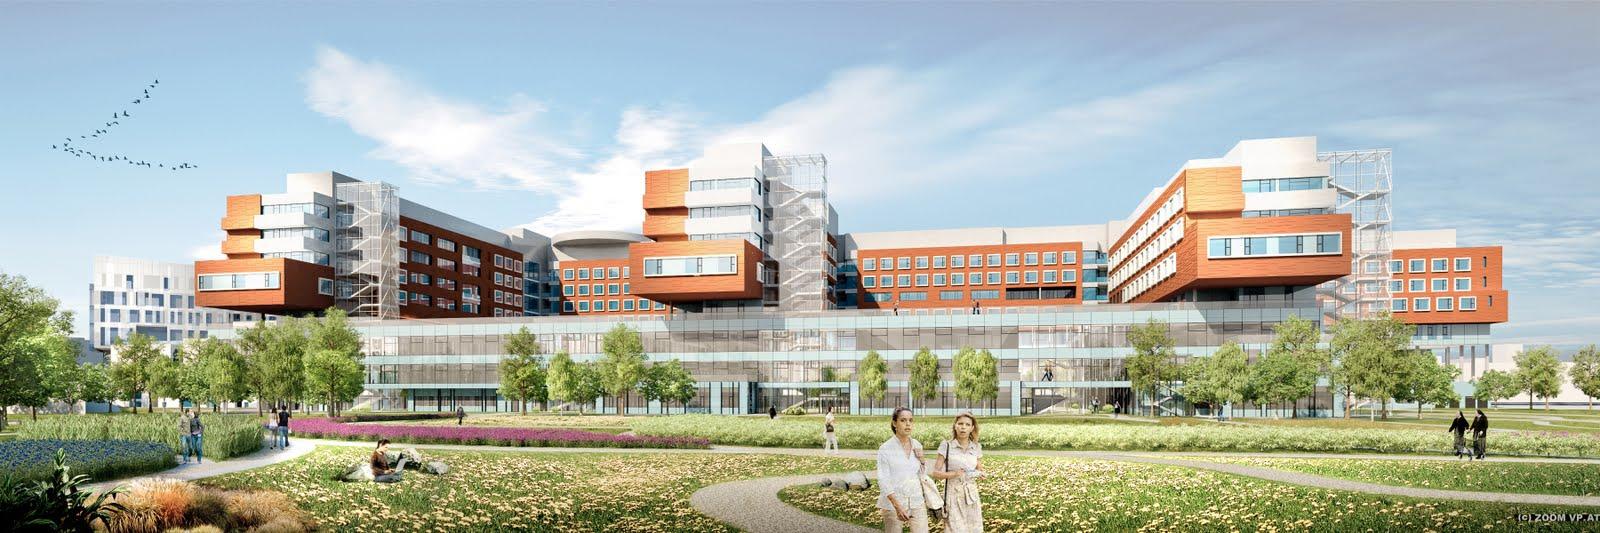 architektur und raumplanung online krankenhaus nord das modernste spital europas bald in wien. Black Bedroom Furniture Sets. Home Design Ideas